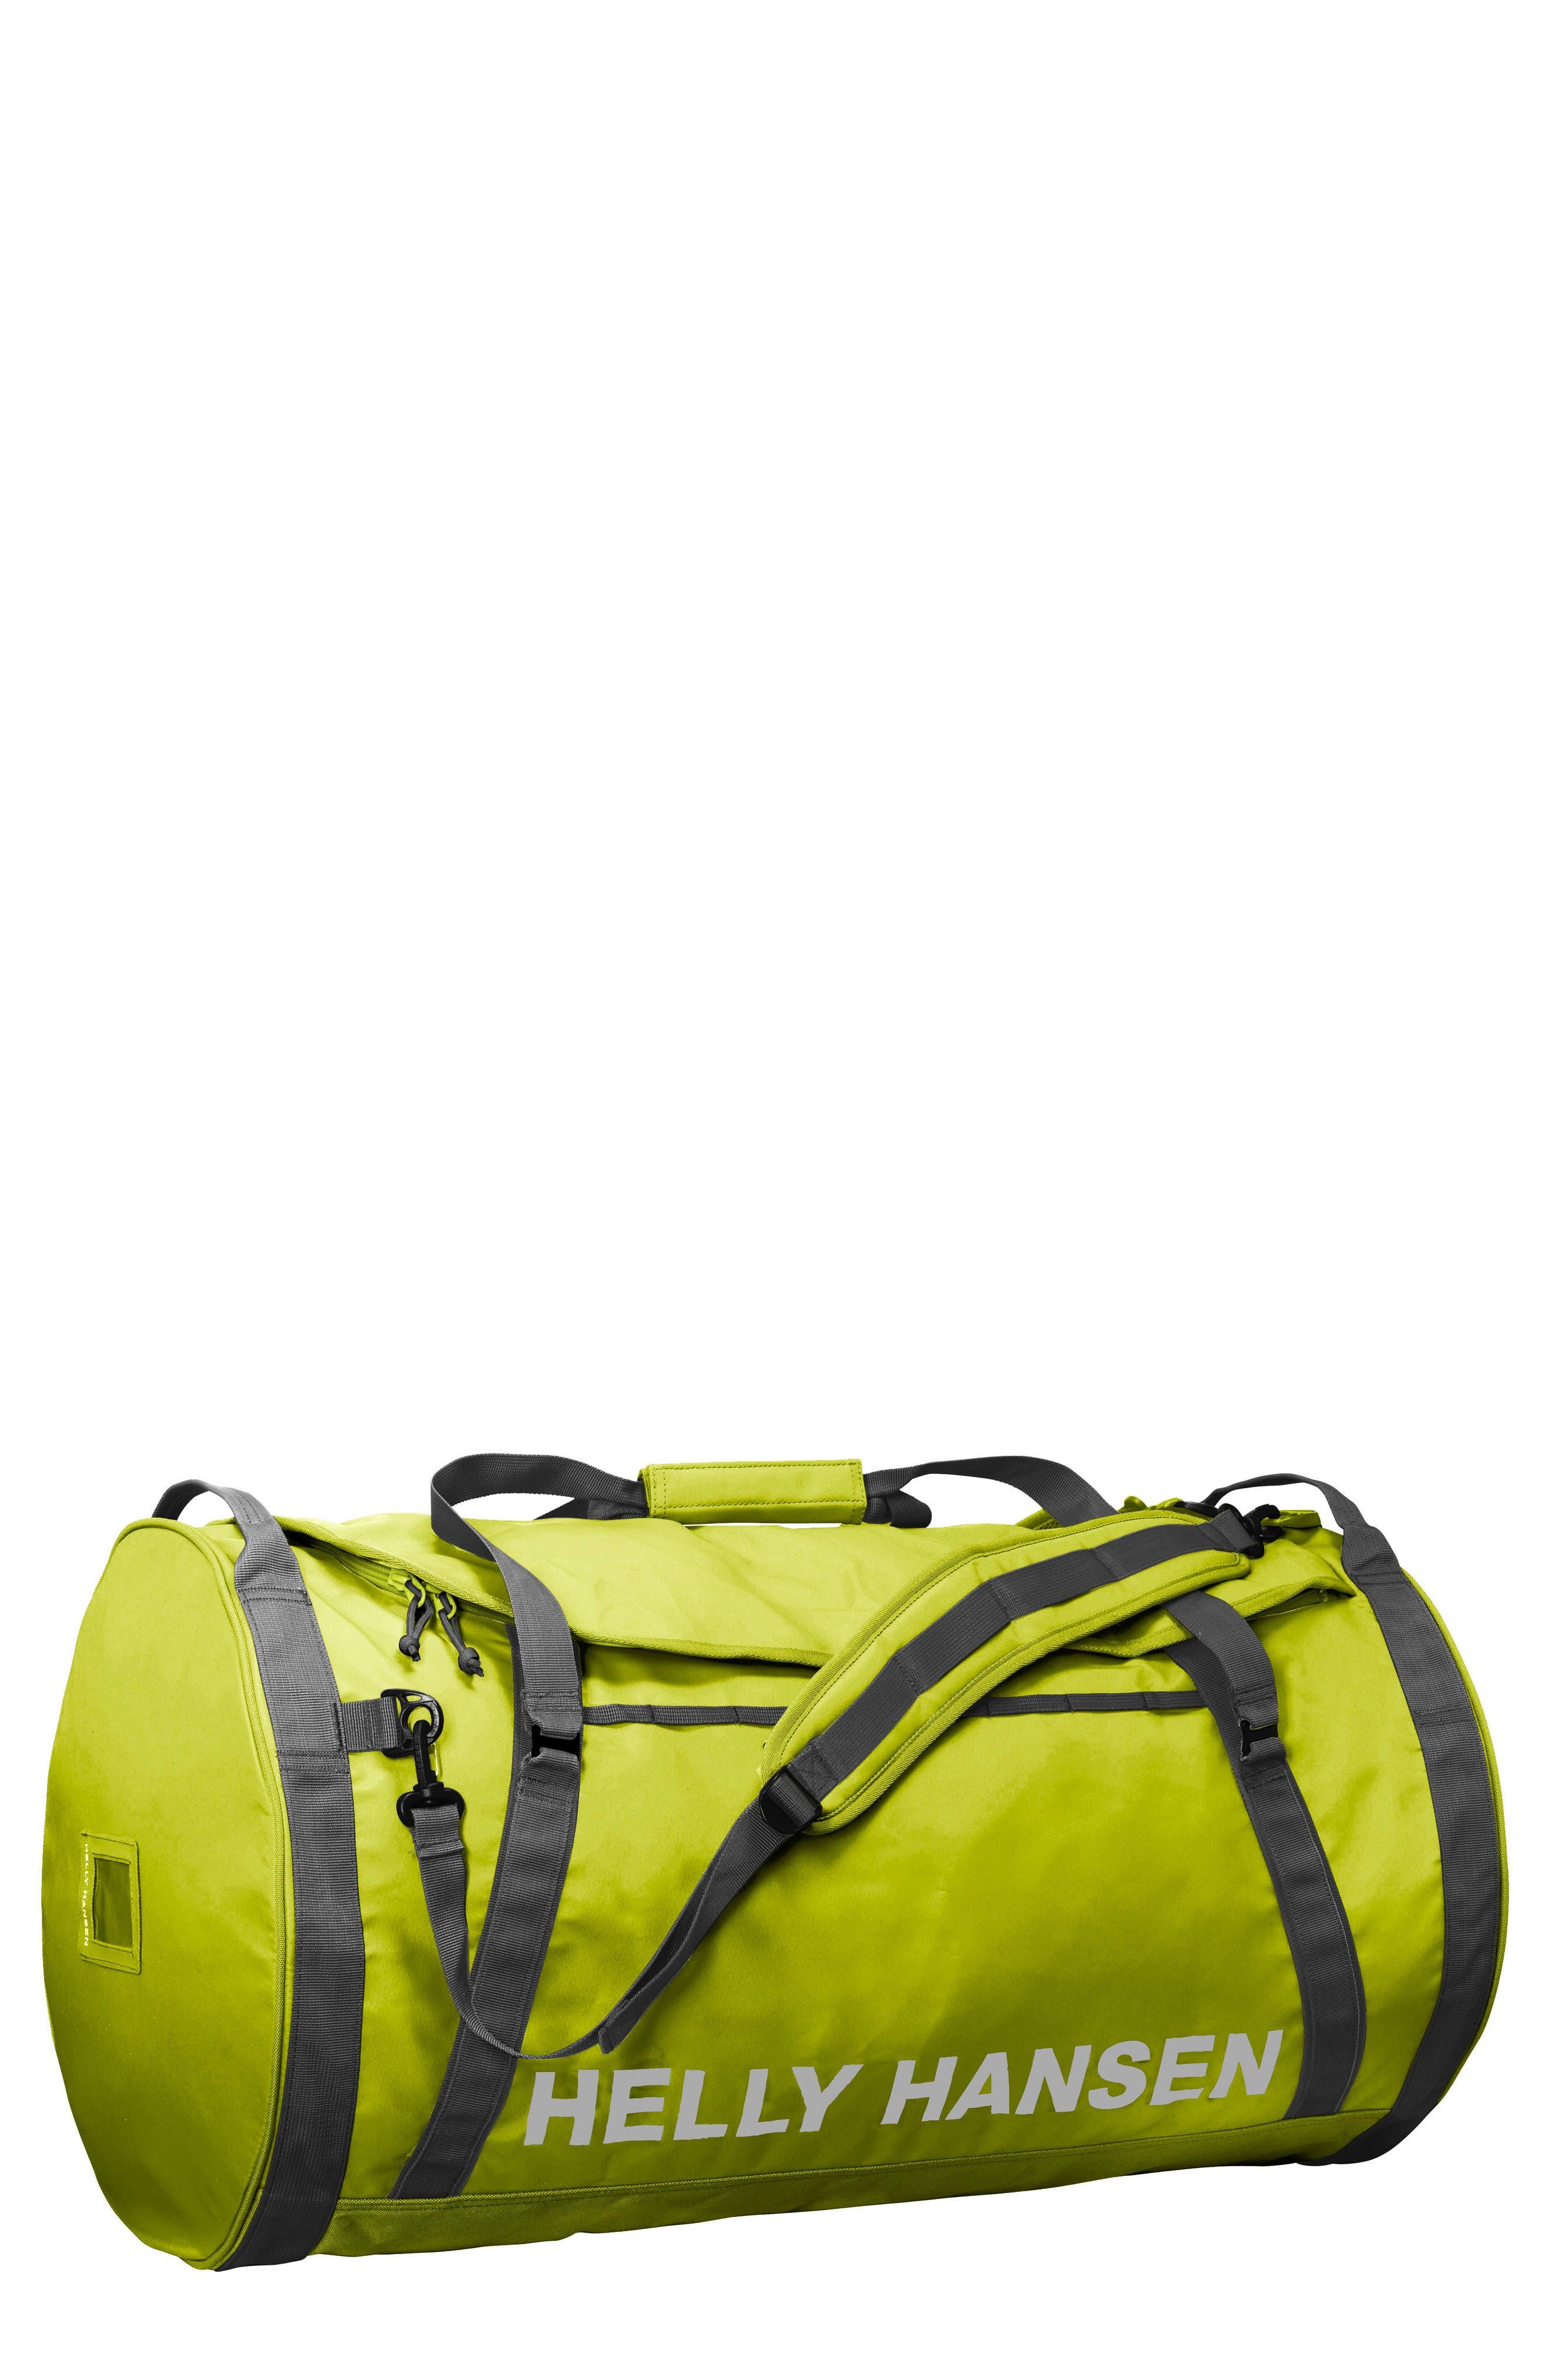 Helly Hansen 30-Liter Duffel Bag